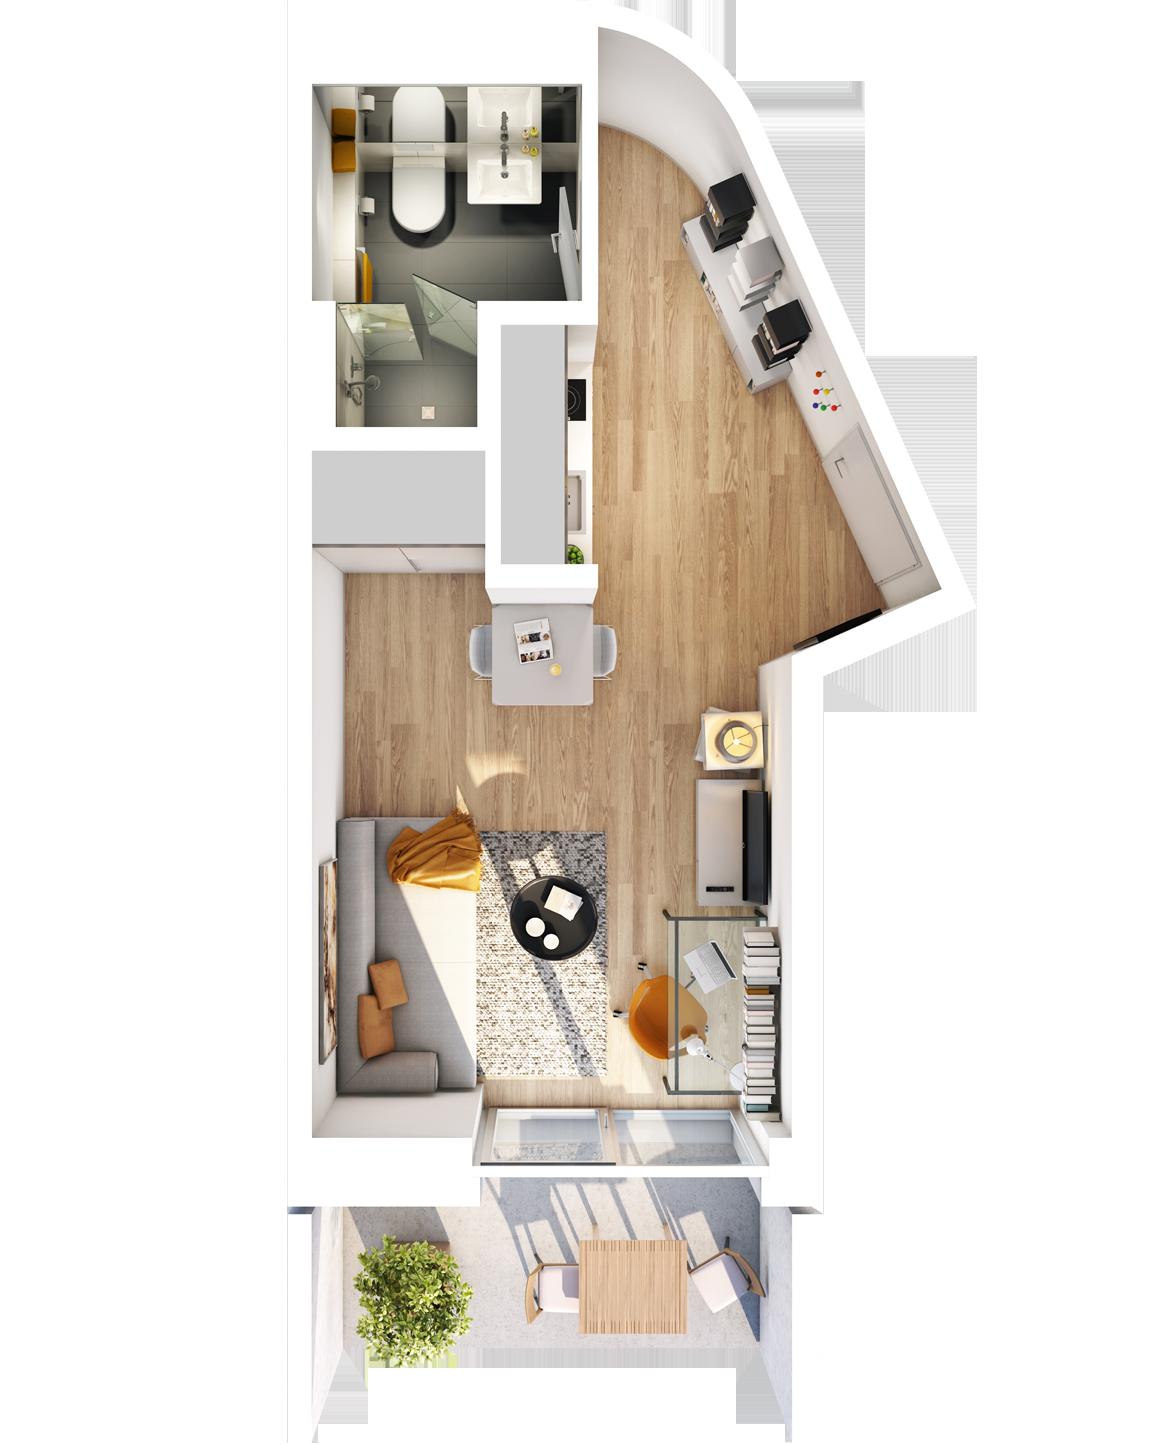 Visualisierung Beispiel 1-Zimmer-Wohnung Typ D im außergewöhnlichen Schnitt mit Bad, separater Küche, Wohnbereich und Balkon im studiosus 5 Apartmenthaus in Augsburg